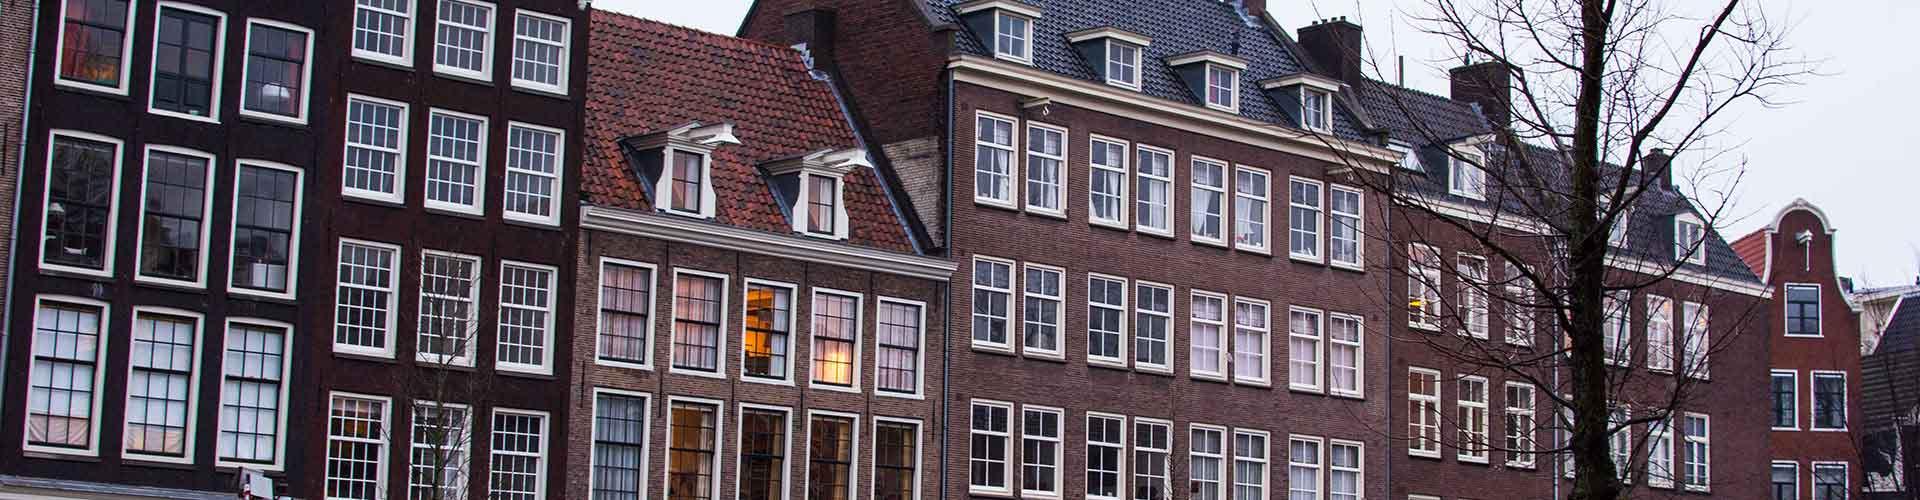 阿姆斯特丹 – 安妮弗兰克之家附近的宾馆。阿姆斯特丹地图,阿姆斯特丹每间宾馆的照片和评价。